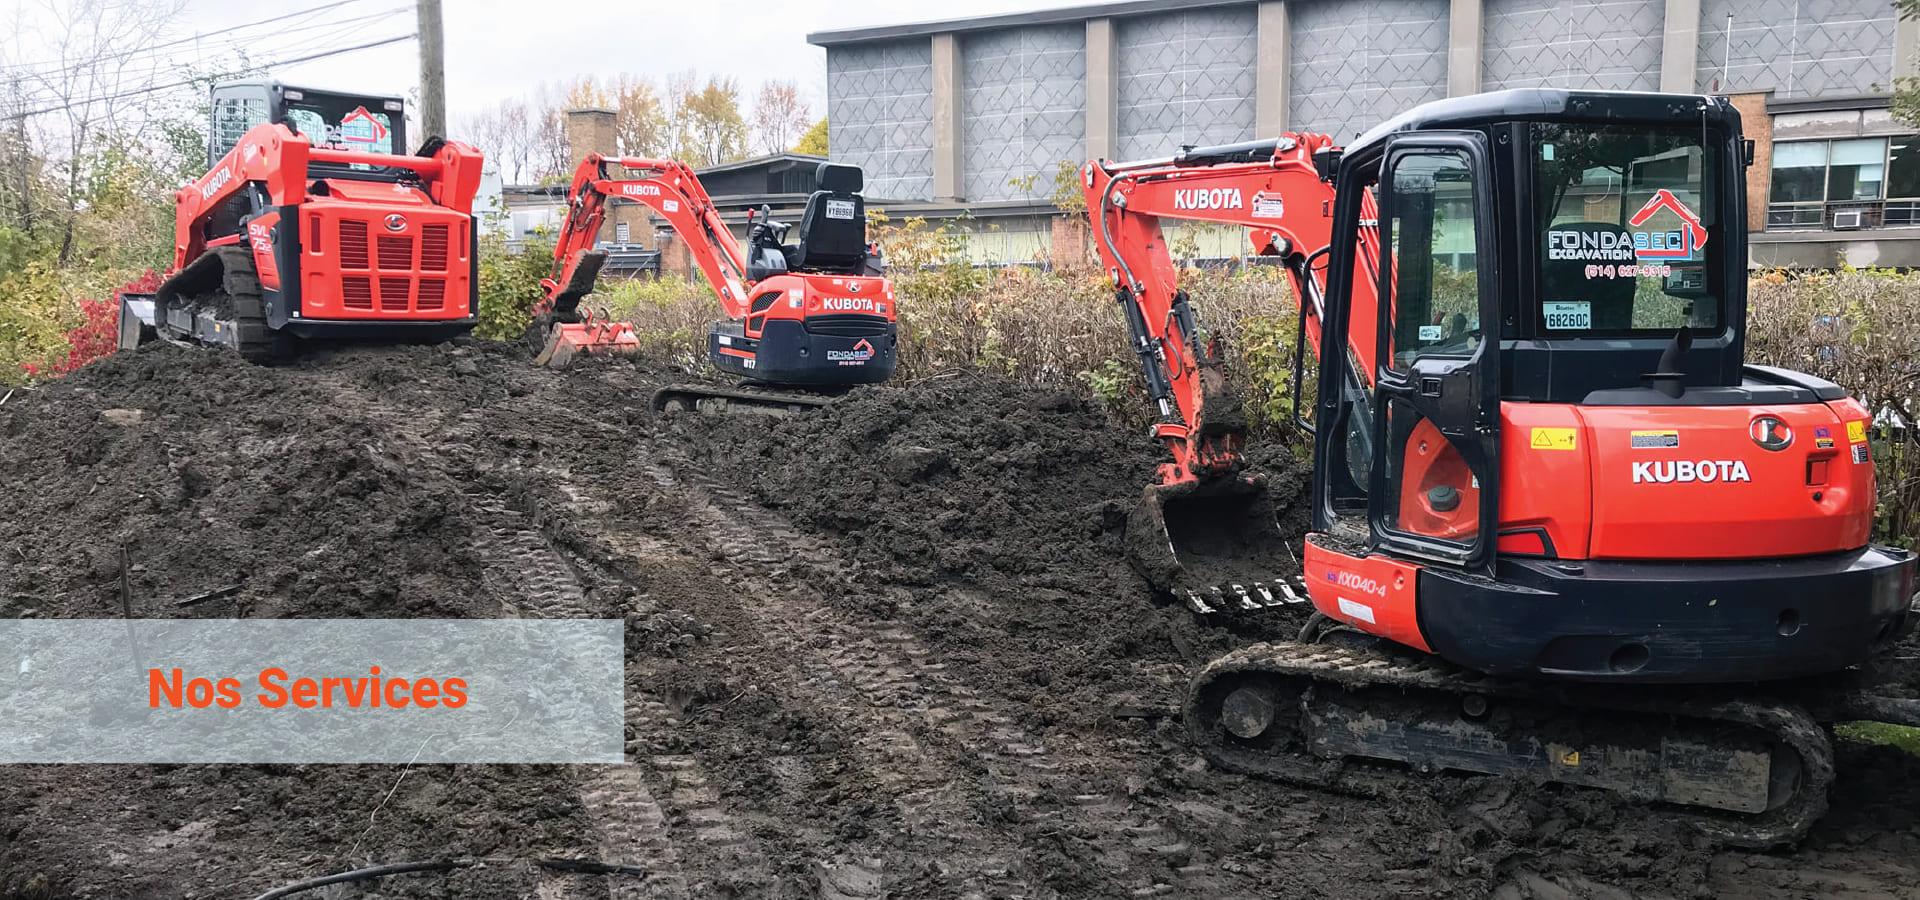 Excavation Fondasec - Nos services - Excavation, Démolition, Enlèvement de Pyrite & Services de Fondations dans le grand Montréal et les environs. | Fondasec.com